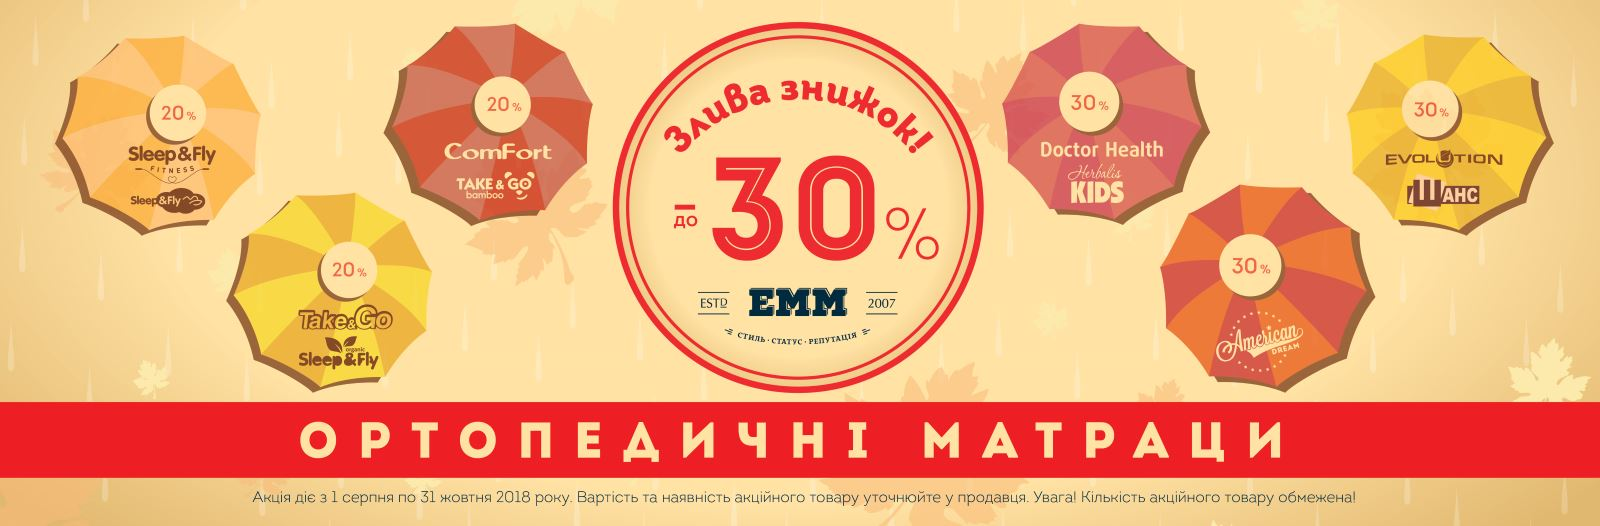 Акция на матрасы ЕММ действует с 1 августа по 31 октября 2018 года.